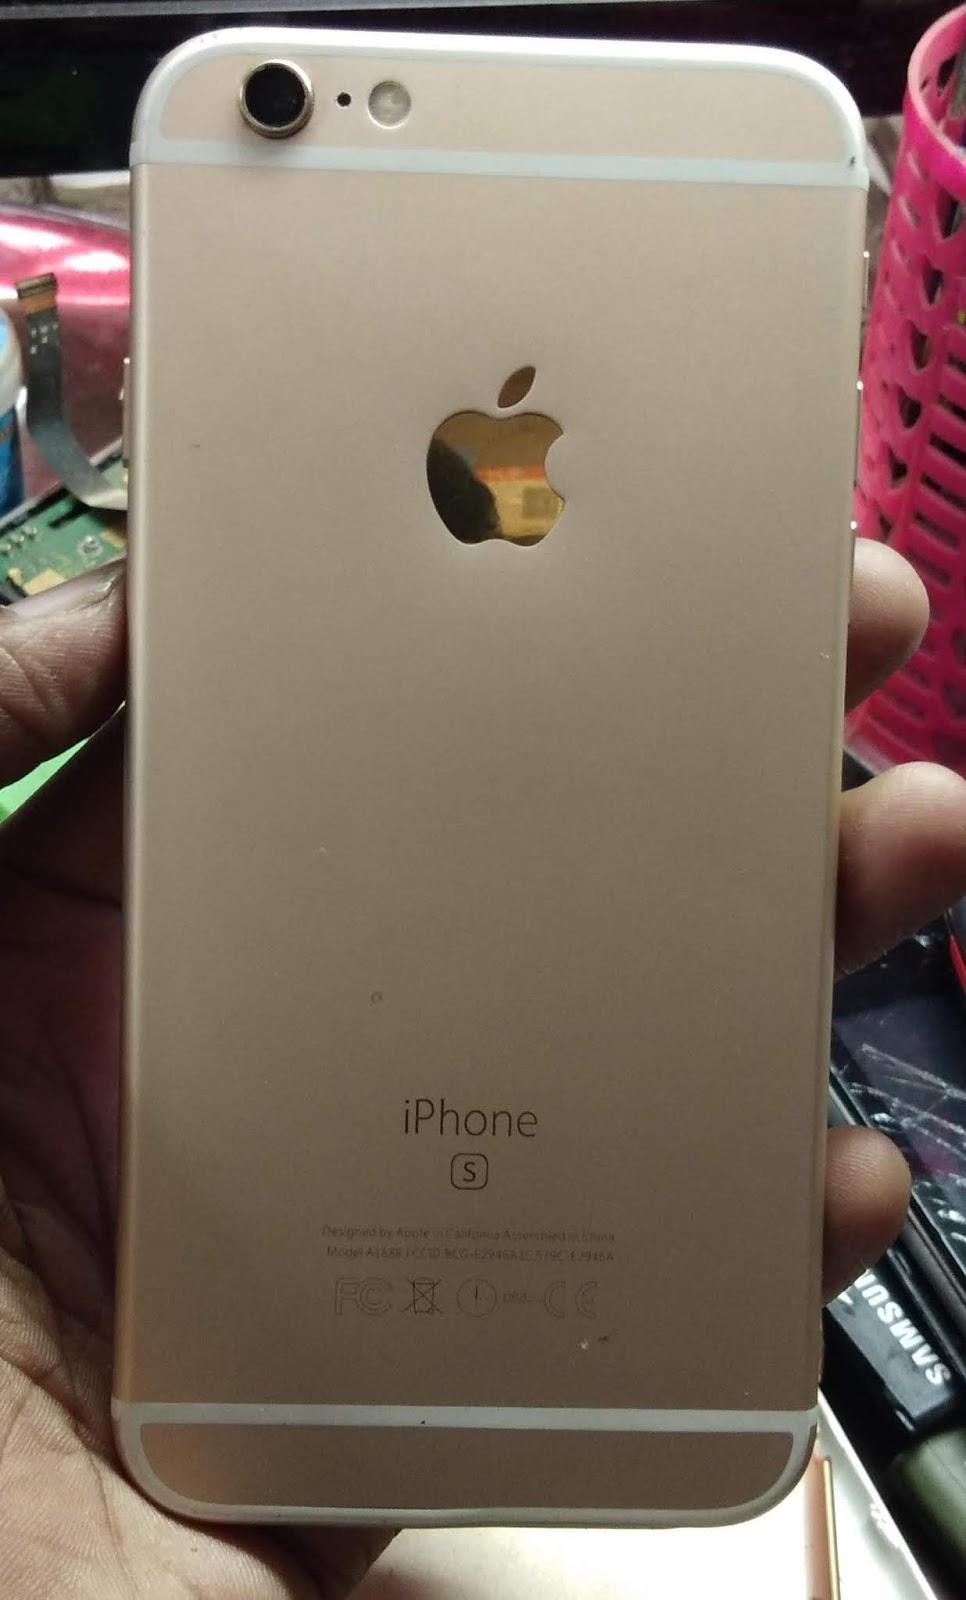 iphone 6s plus flash file